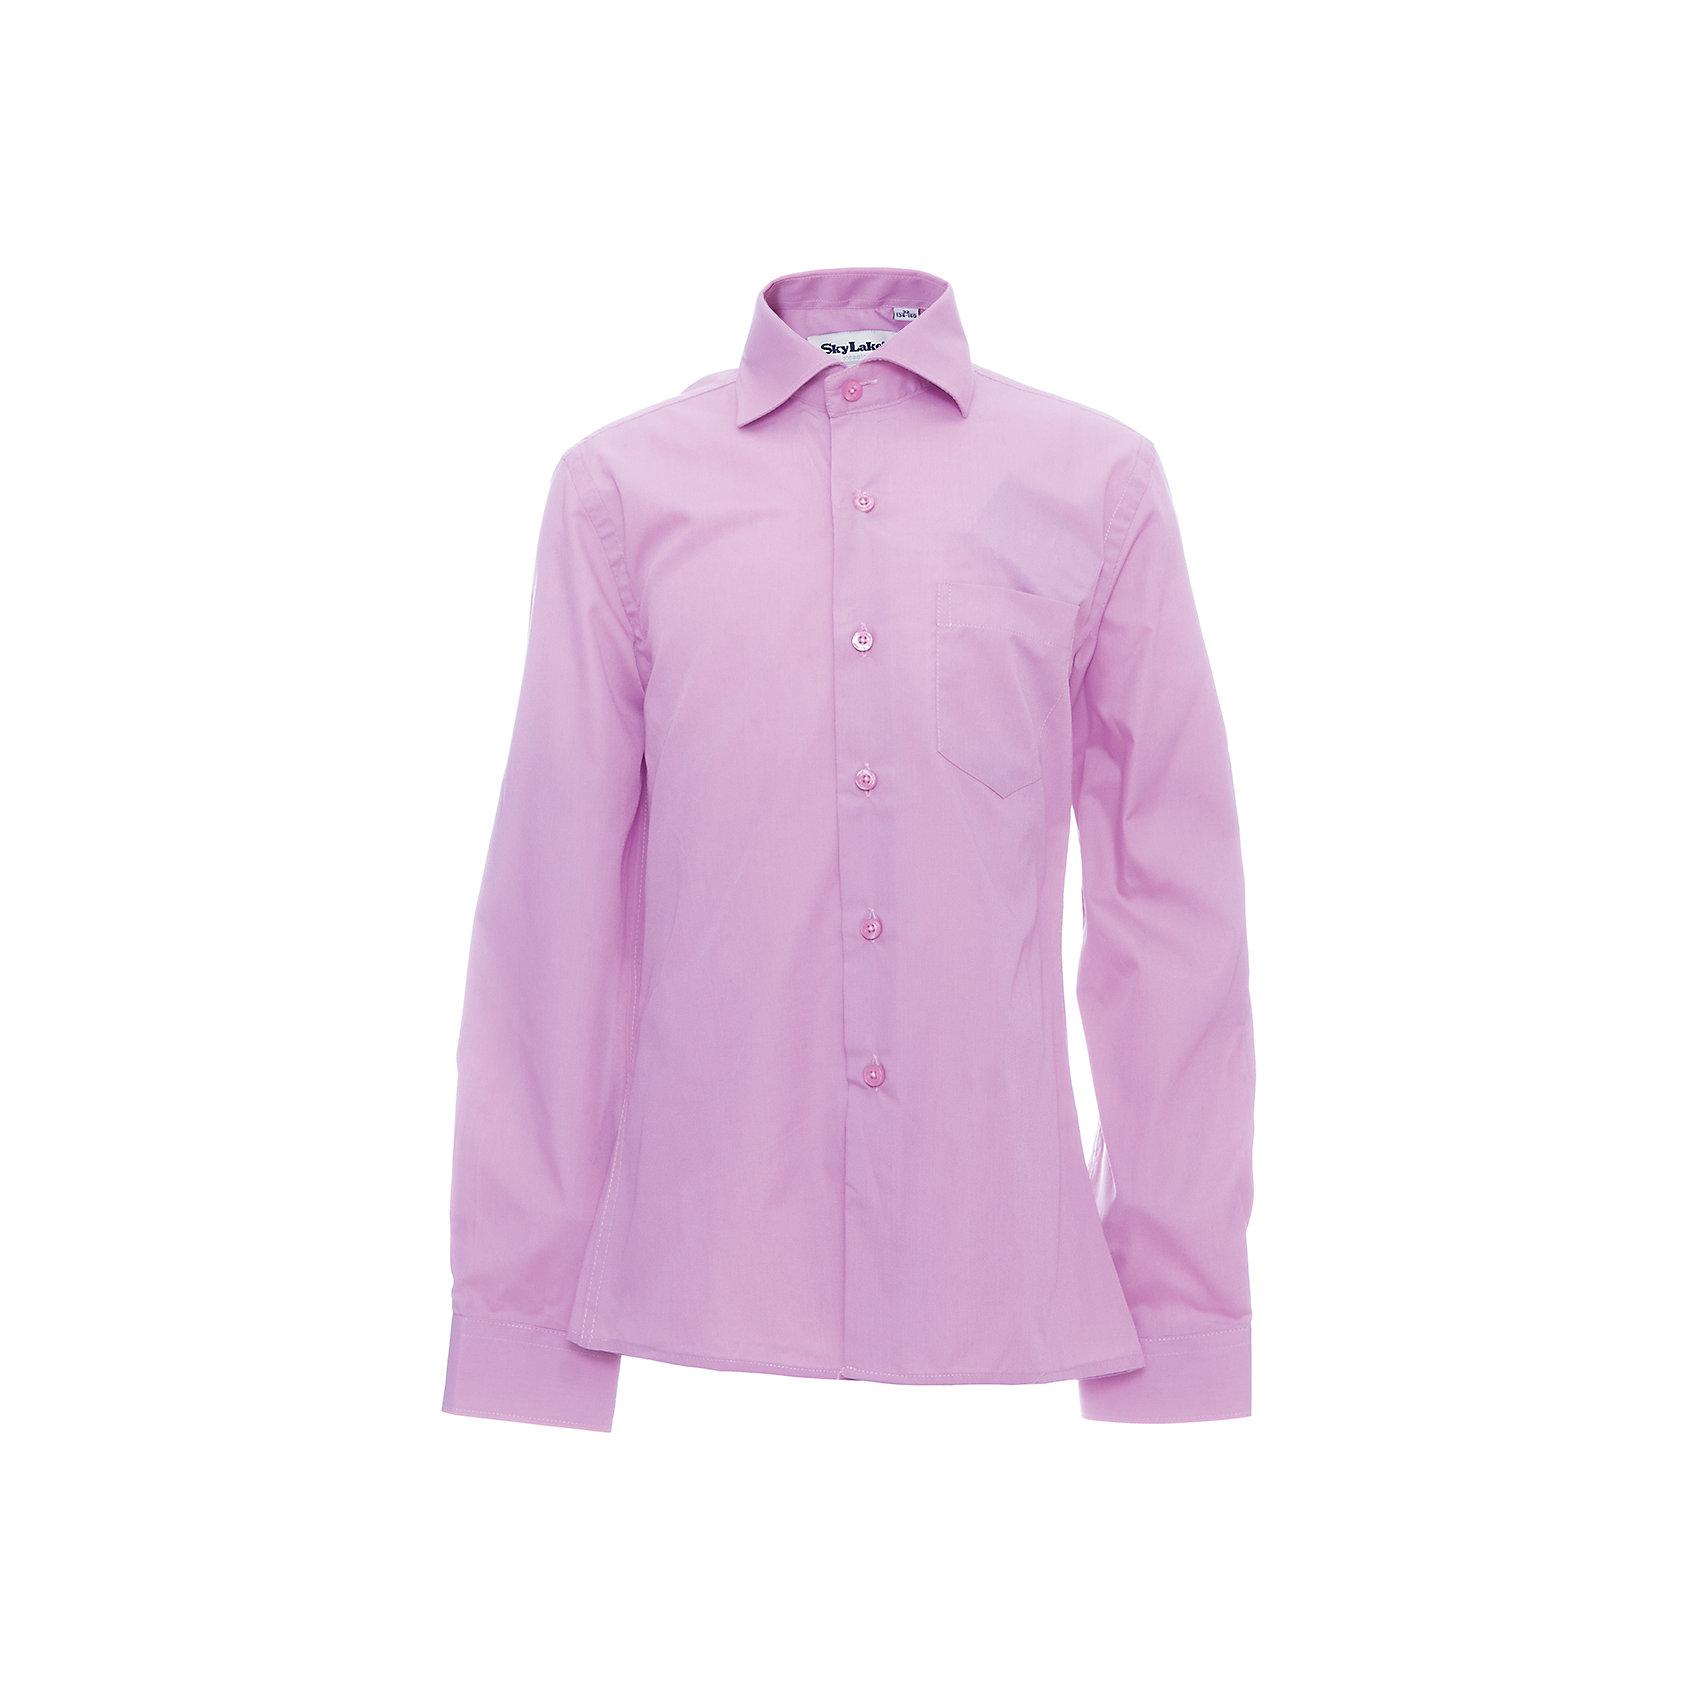 Рубашка CLASSIC SLIM FIT для мальчика SkylakeБлузки и рубашки<br>Сорочка детская для мальчика<br>Состав:<br>80% хлопок, 20% п/э<br><br>Ширина мм: 174<br>Глубина мм: 10<br>Высота мм: 169<br>Вес г: 157<br>Цвет: лиловый<br>Возраст от месяцев: 144<br>Возраст до месяцев: 156<br>Пол: Мужской<br>Возраст: Детский<br>Размер: 158,122,128,134,140,146,152<br>SKU: 6772753